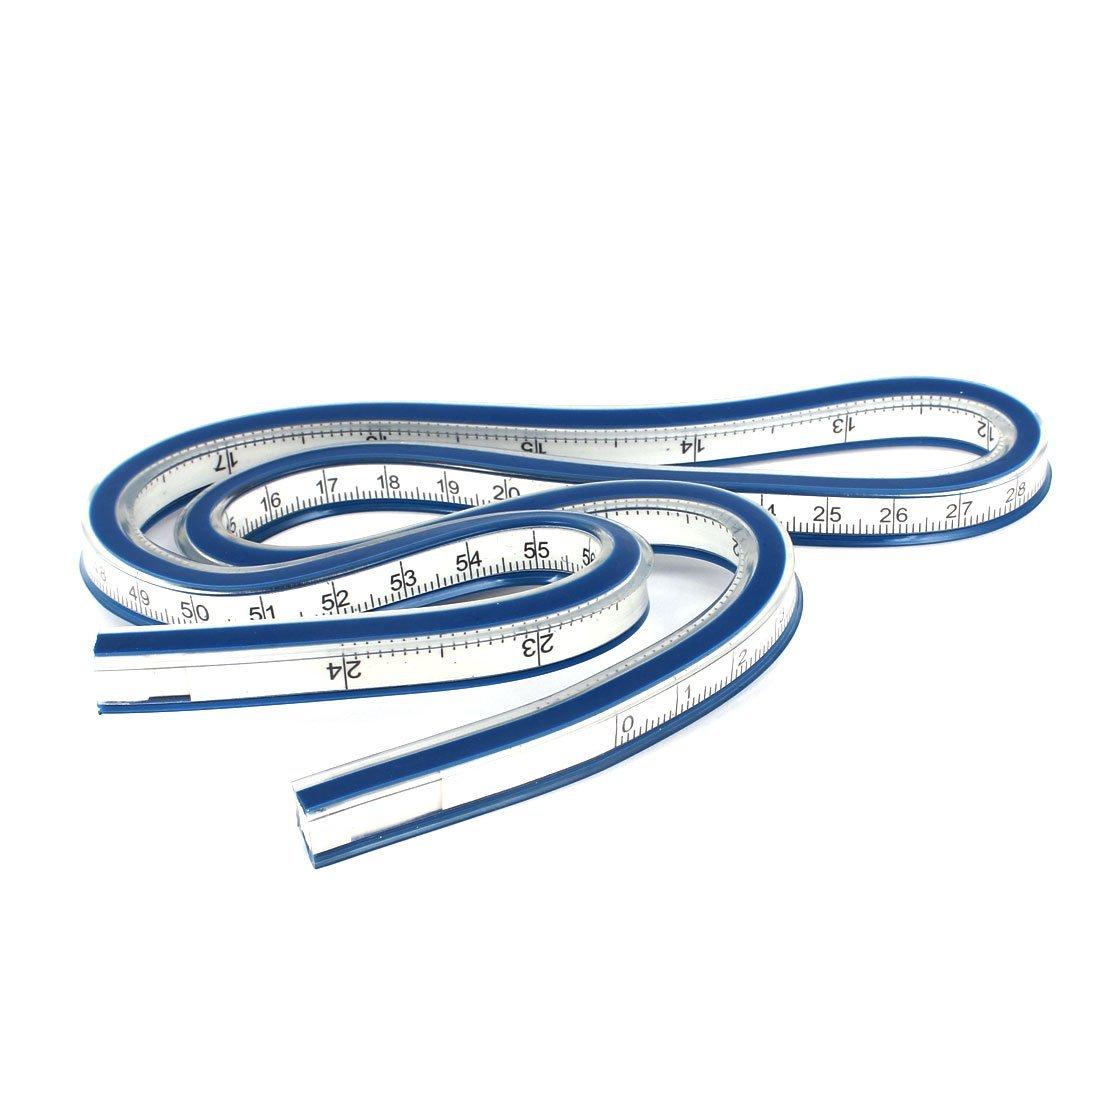 BLEL Hot Carpenter Schneider Soft Plastic 60 Cm 24 Zoll Flexible Curve Ruler Blue + White